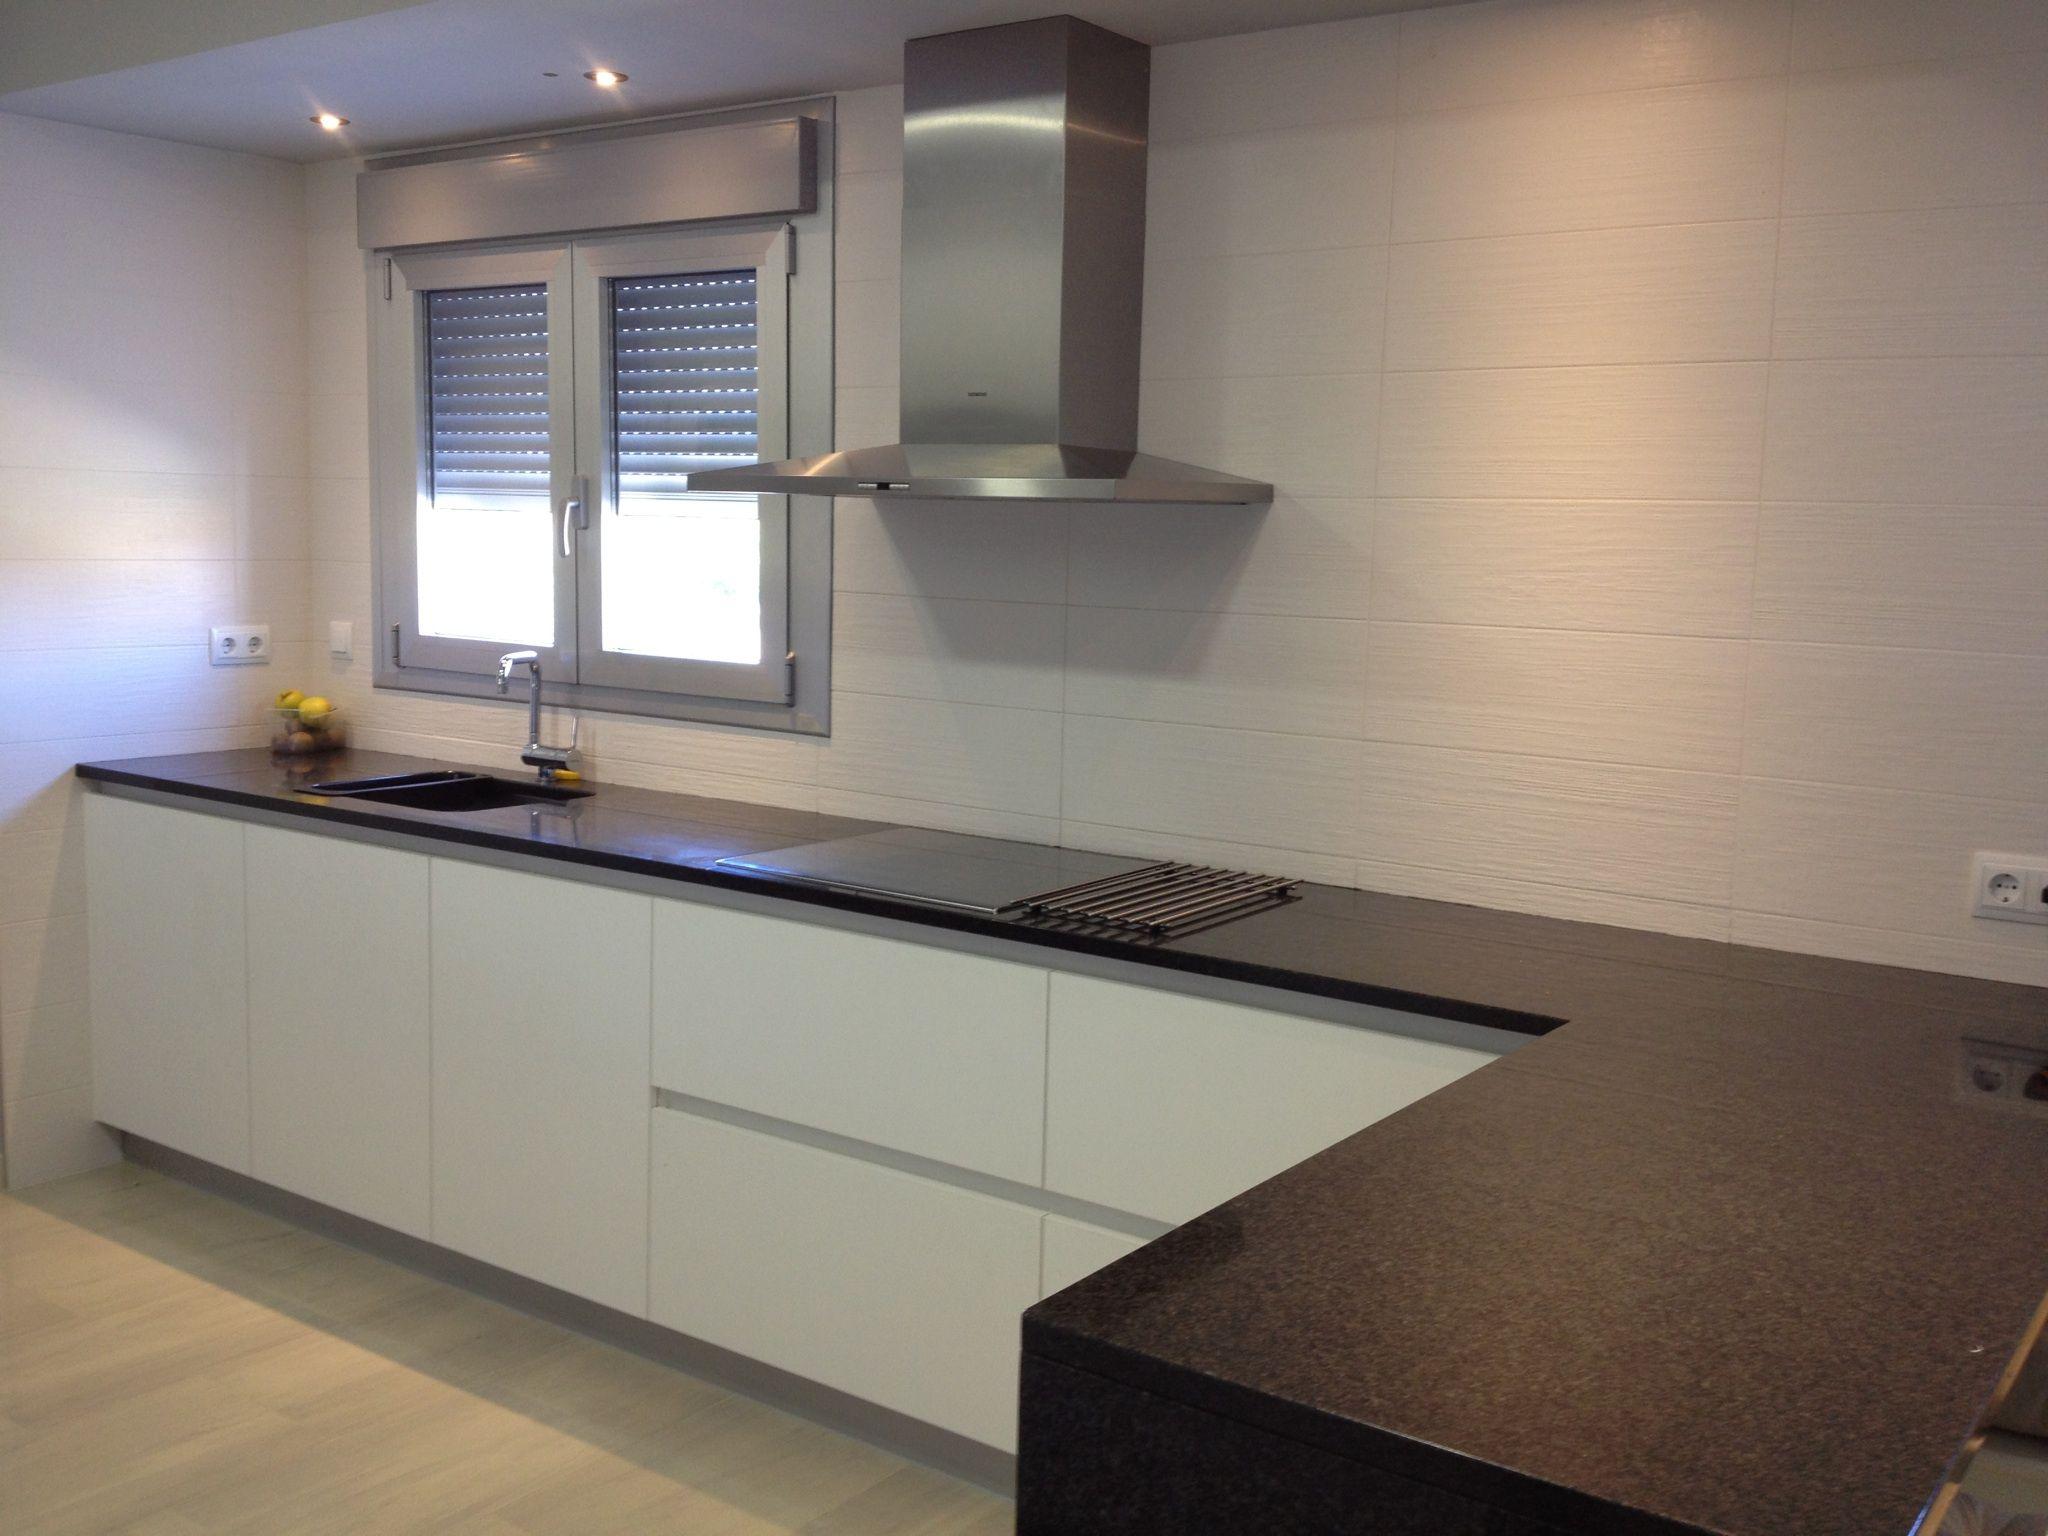 Cocina blanca con texturada con tirador gola encimera de granito negro campa a decorativa - Encimera granito negro ...